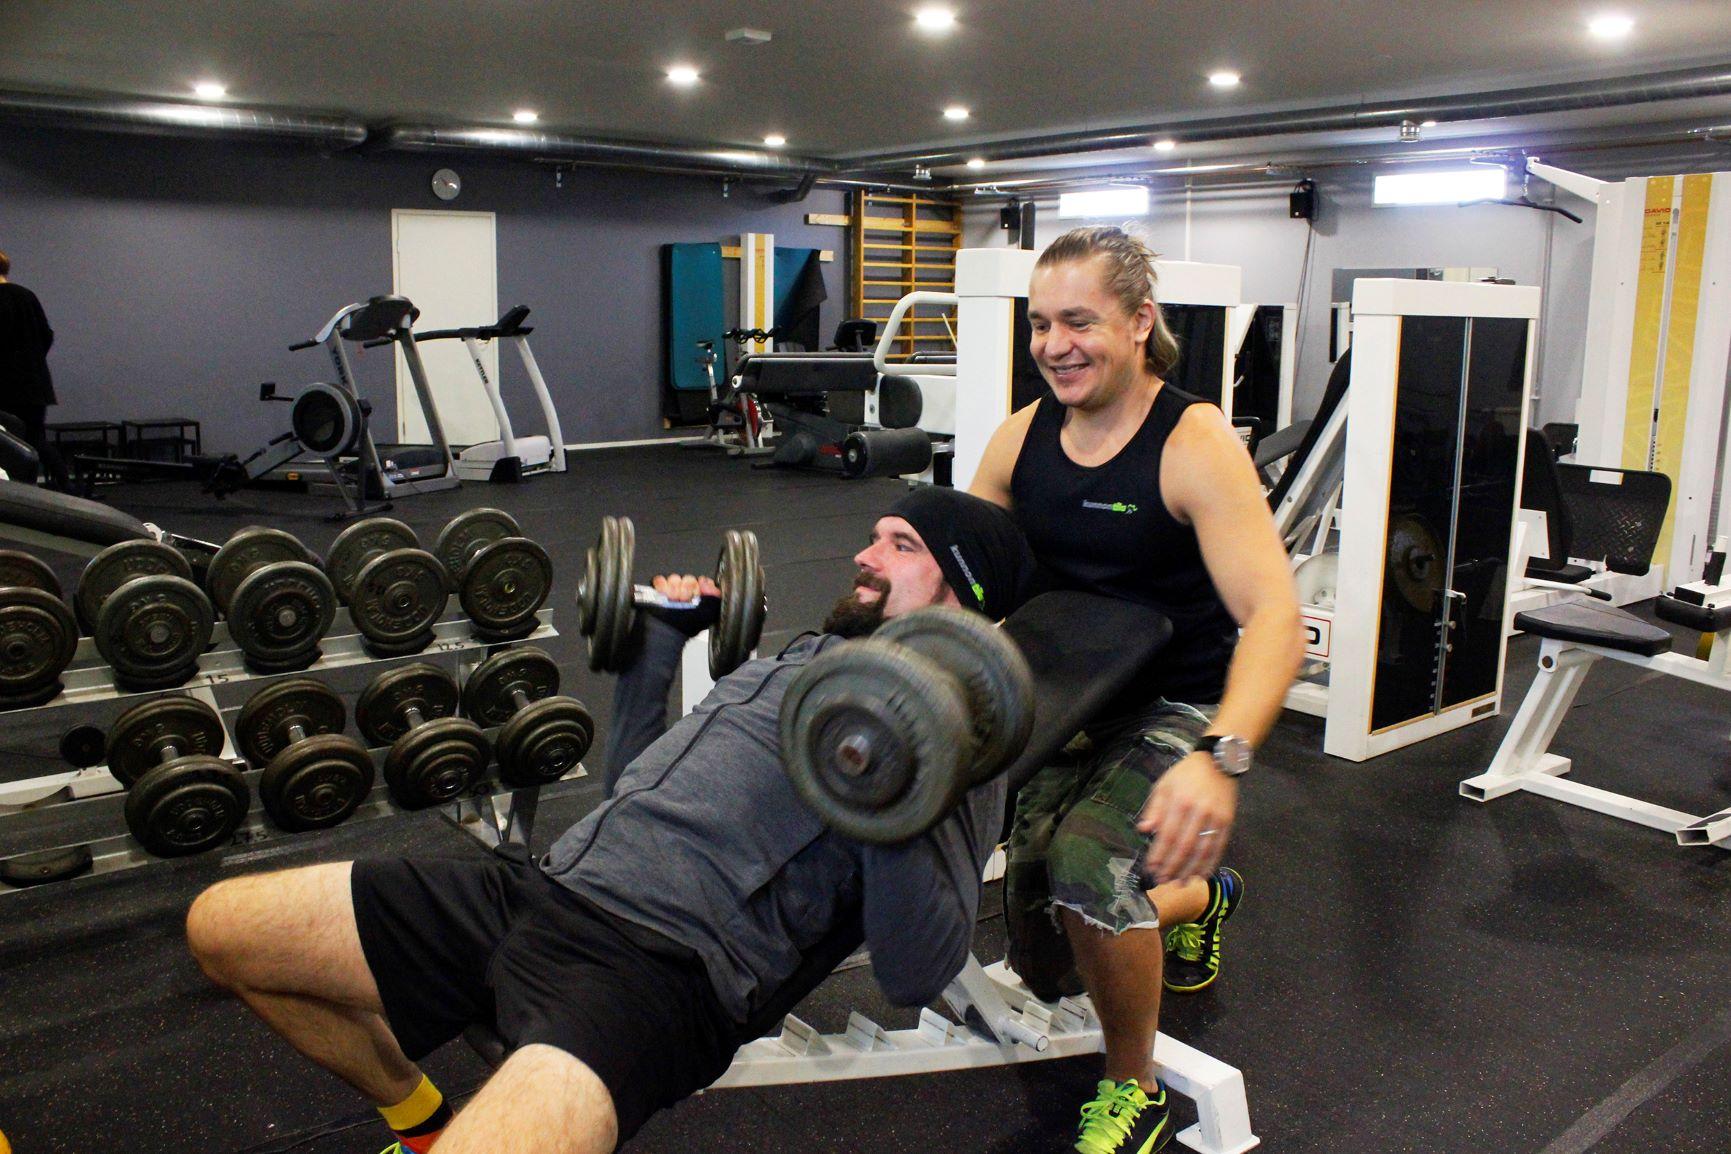 KunnonTila kuntosalilla Hinnerjoella treenaa mies valmentajan avustuksella.